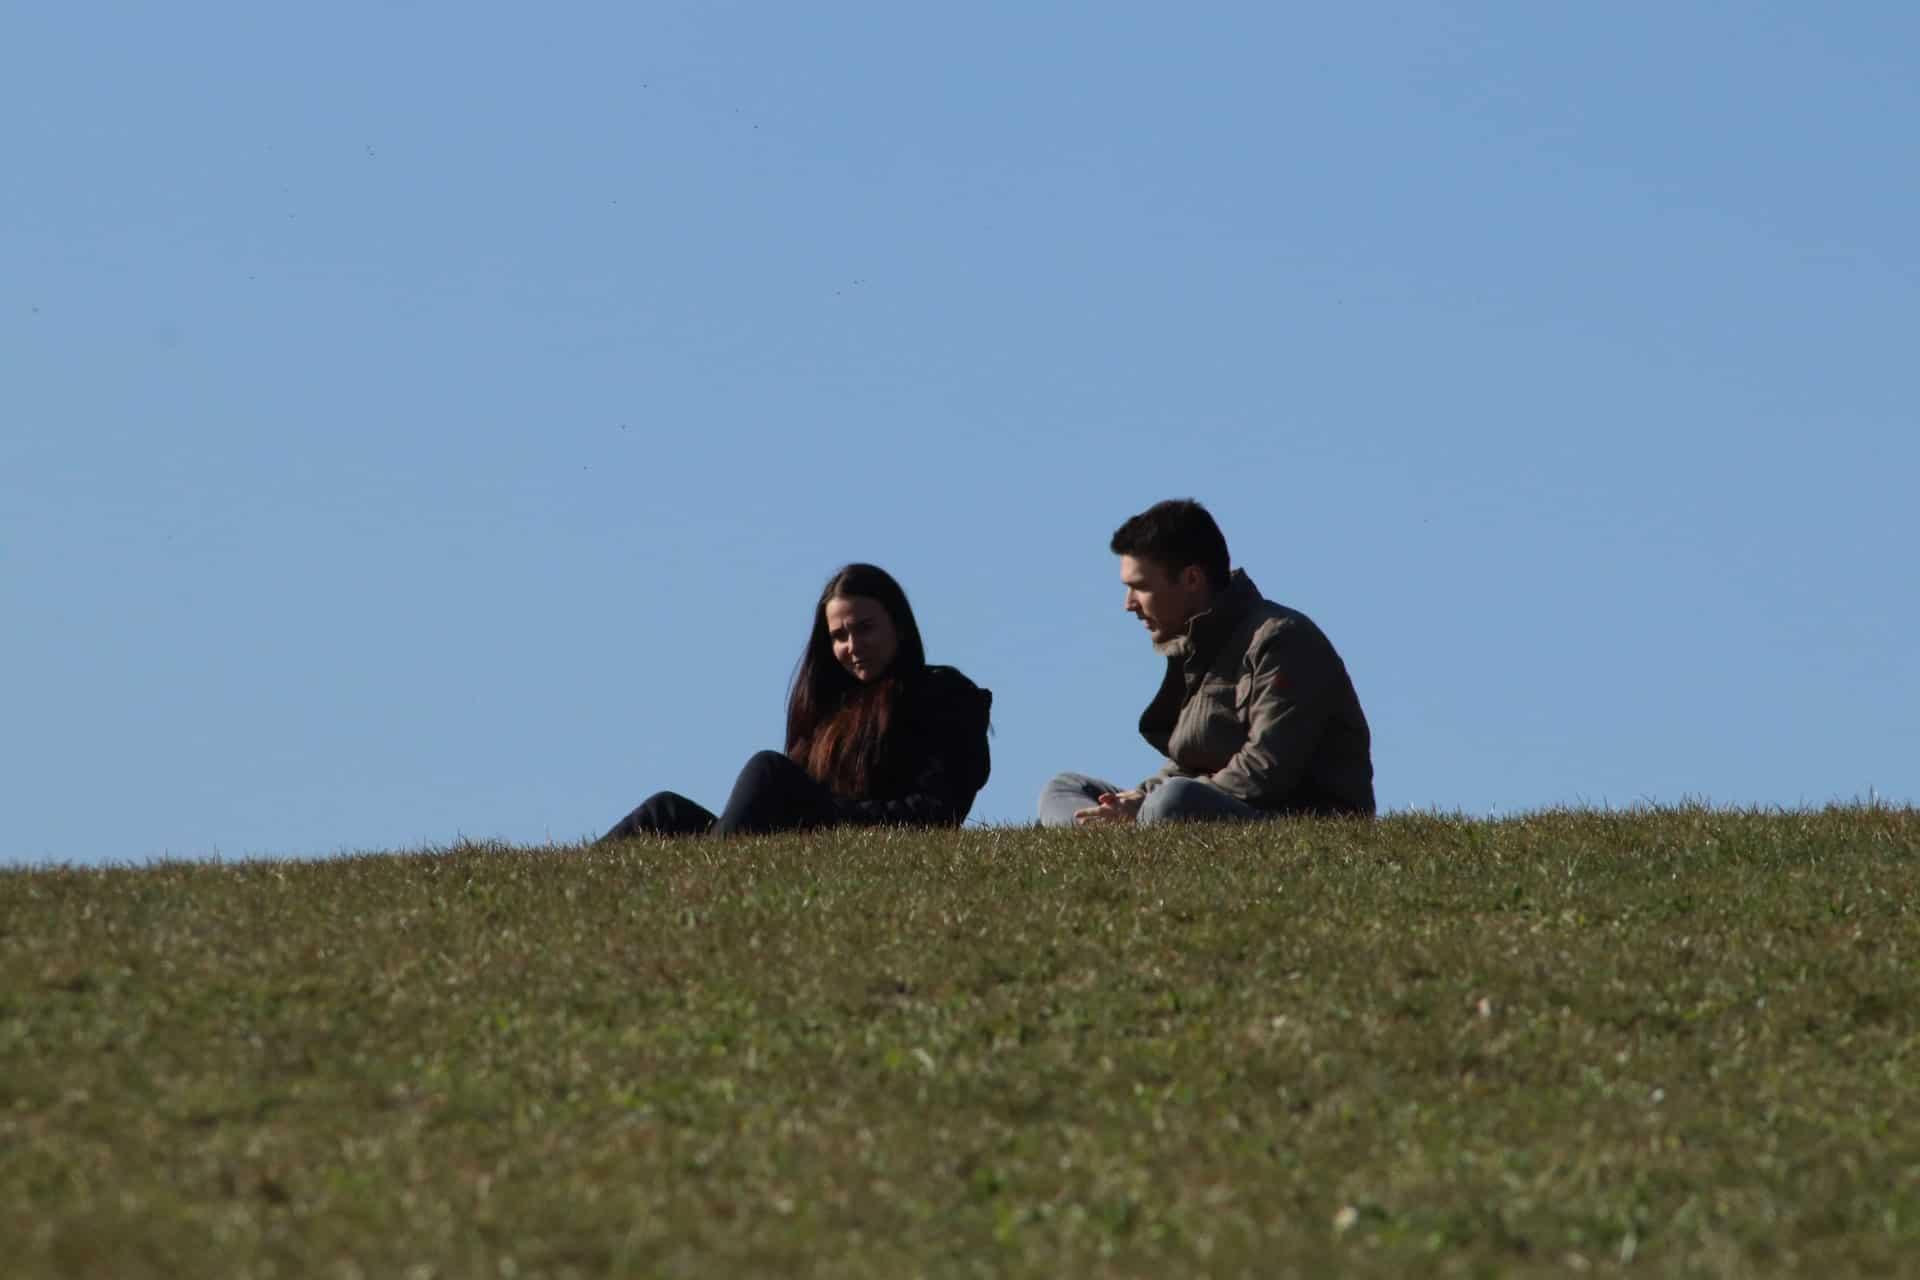 Ein Mann und eine Frau sitzen im Gras